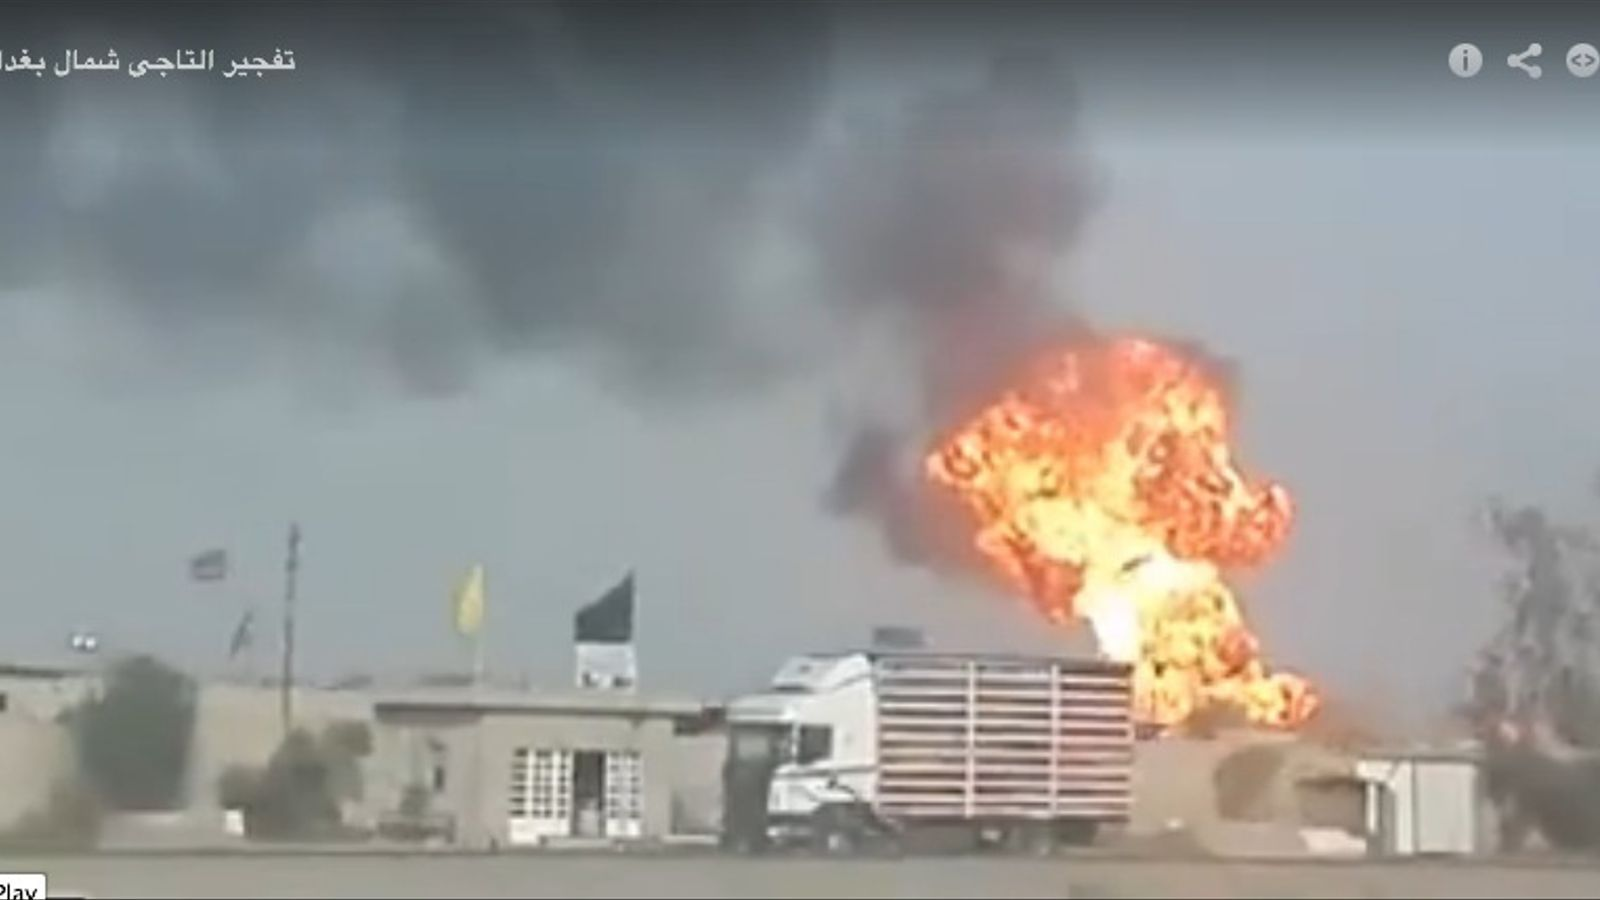 Explosió en una planta de gas natural a Baghdad